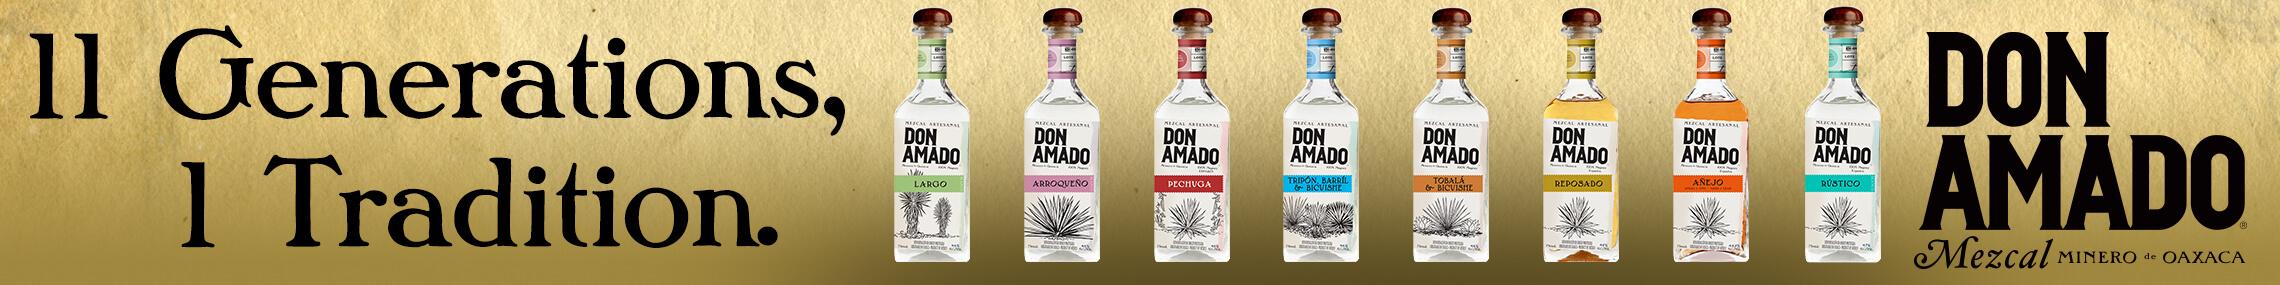 Mezcal Don Amado advertisement